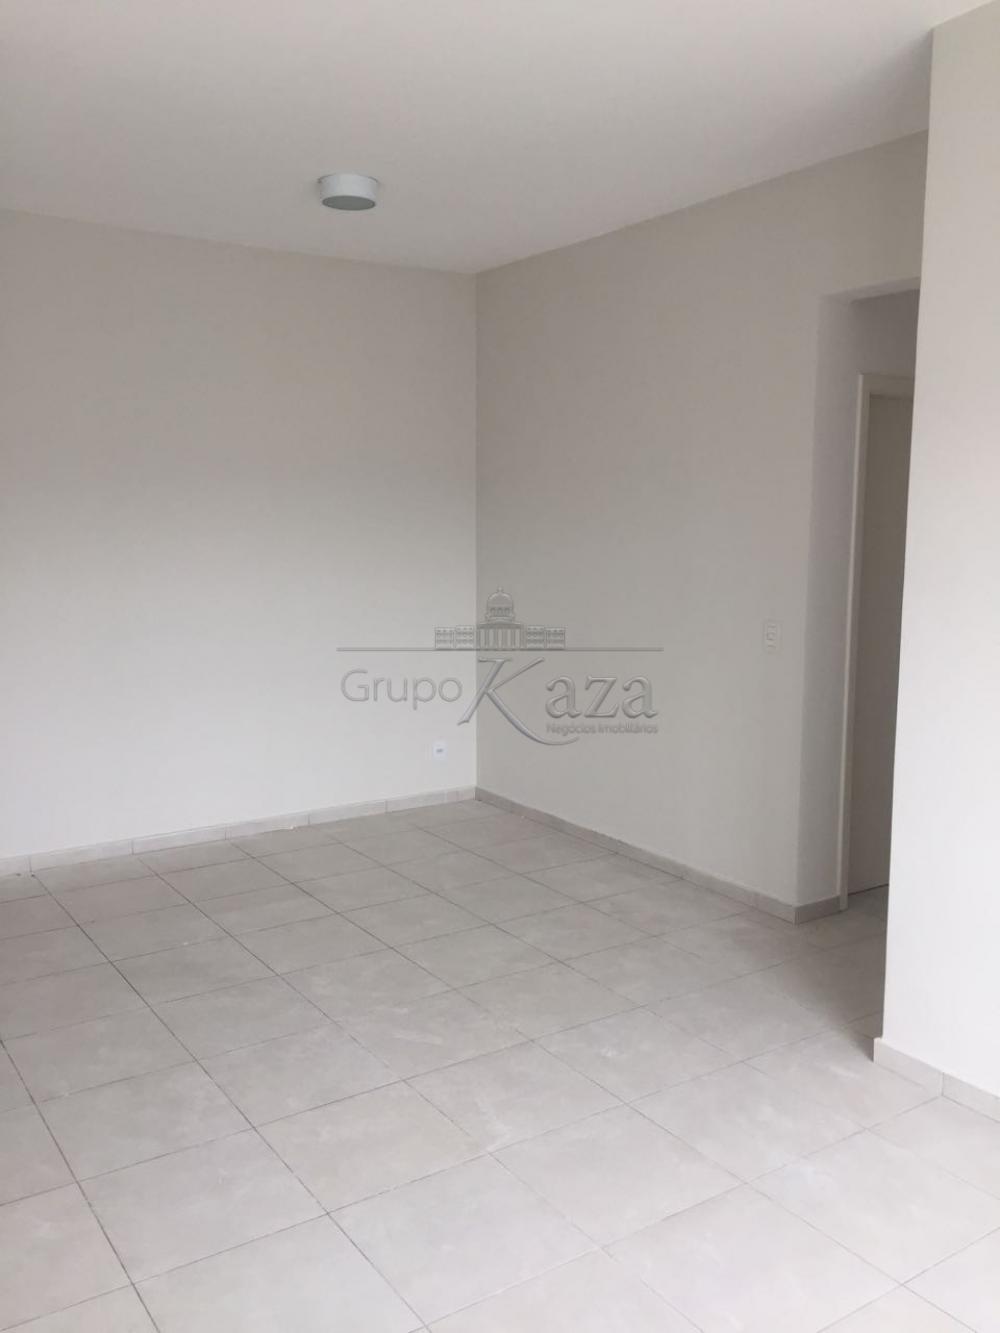 Alugar Apartamento / Padrão em Jacareí apenas R$ 1.180,00 - Foto 7